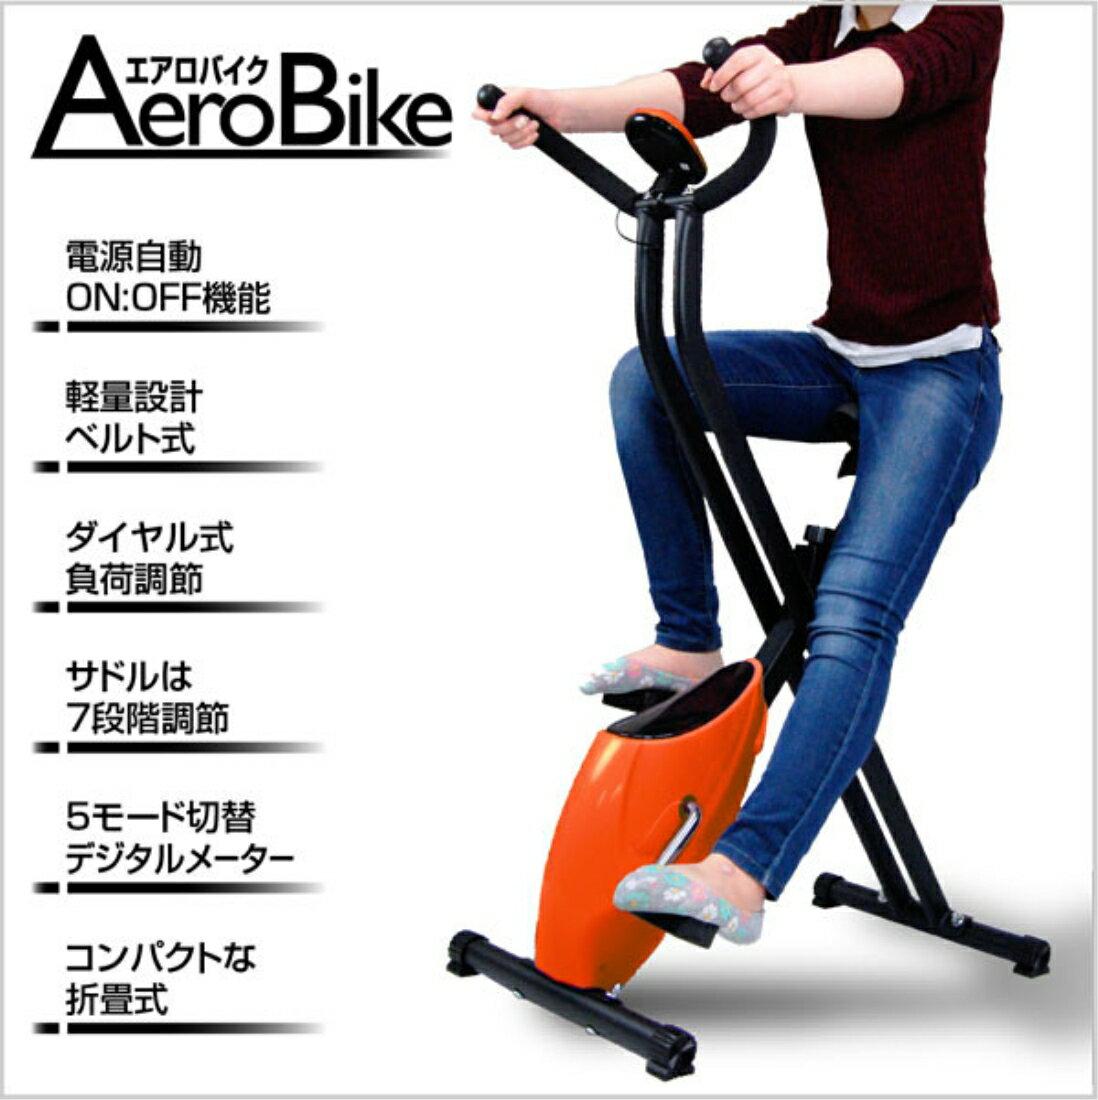 エアロバイク917【橙】エアロ バイク コンパクト 収納 消費 カロリー 表示